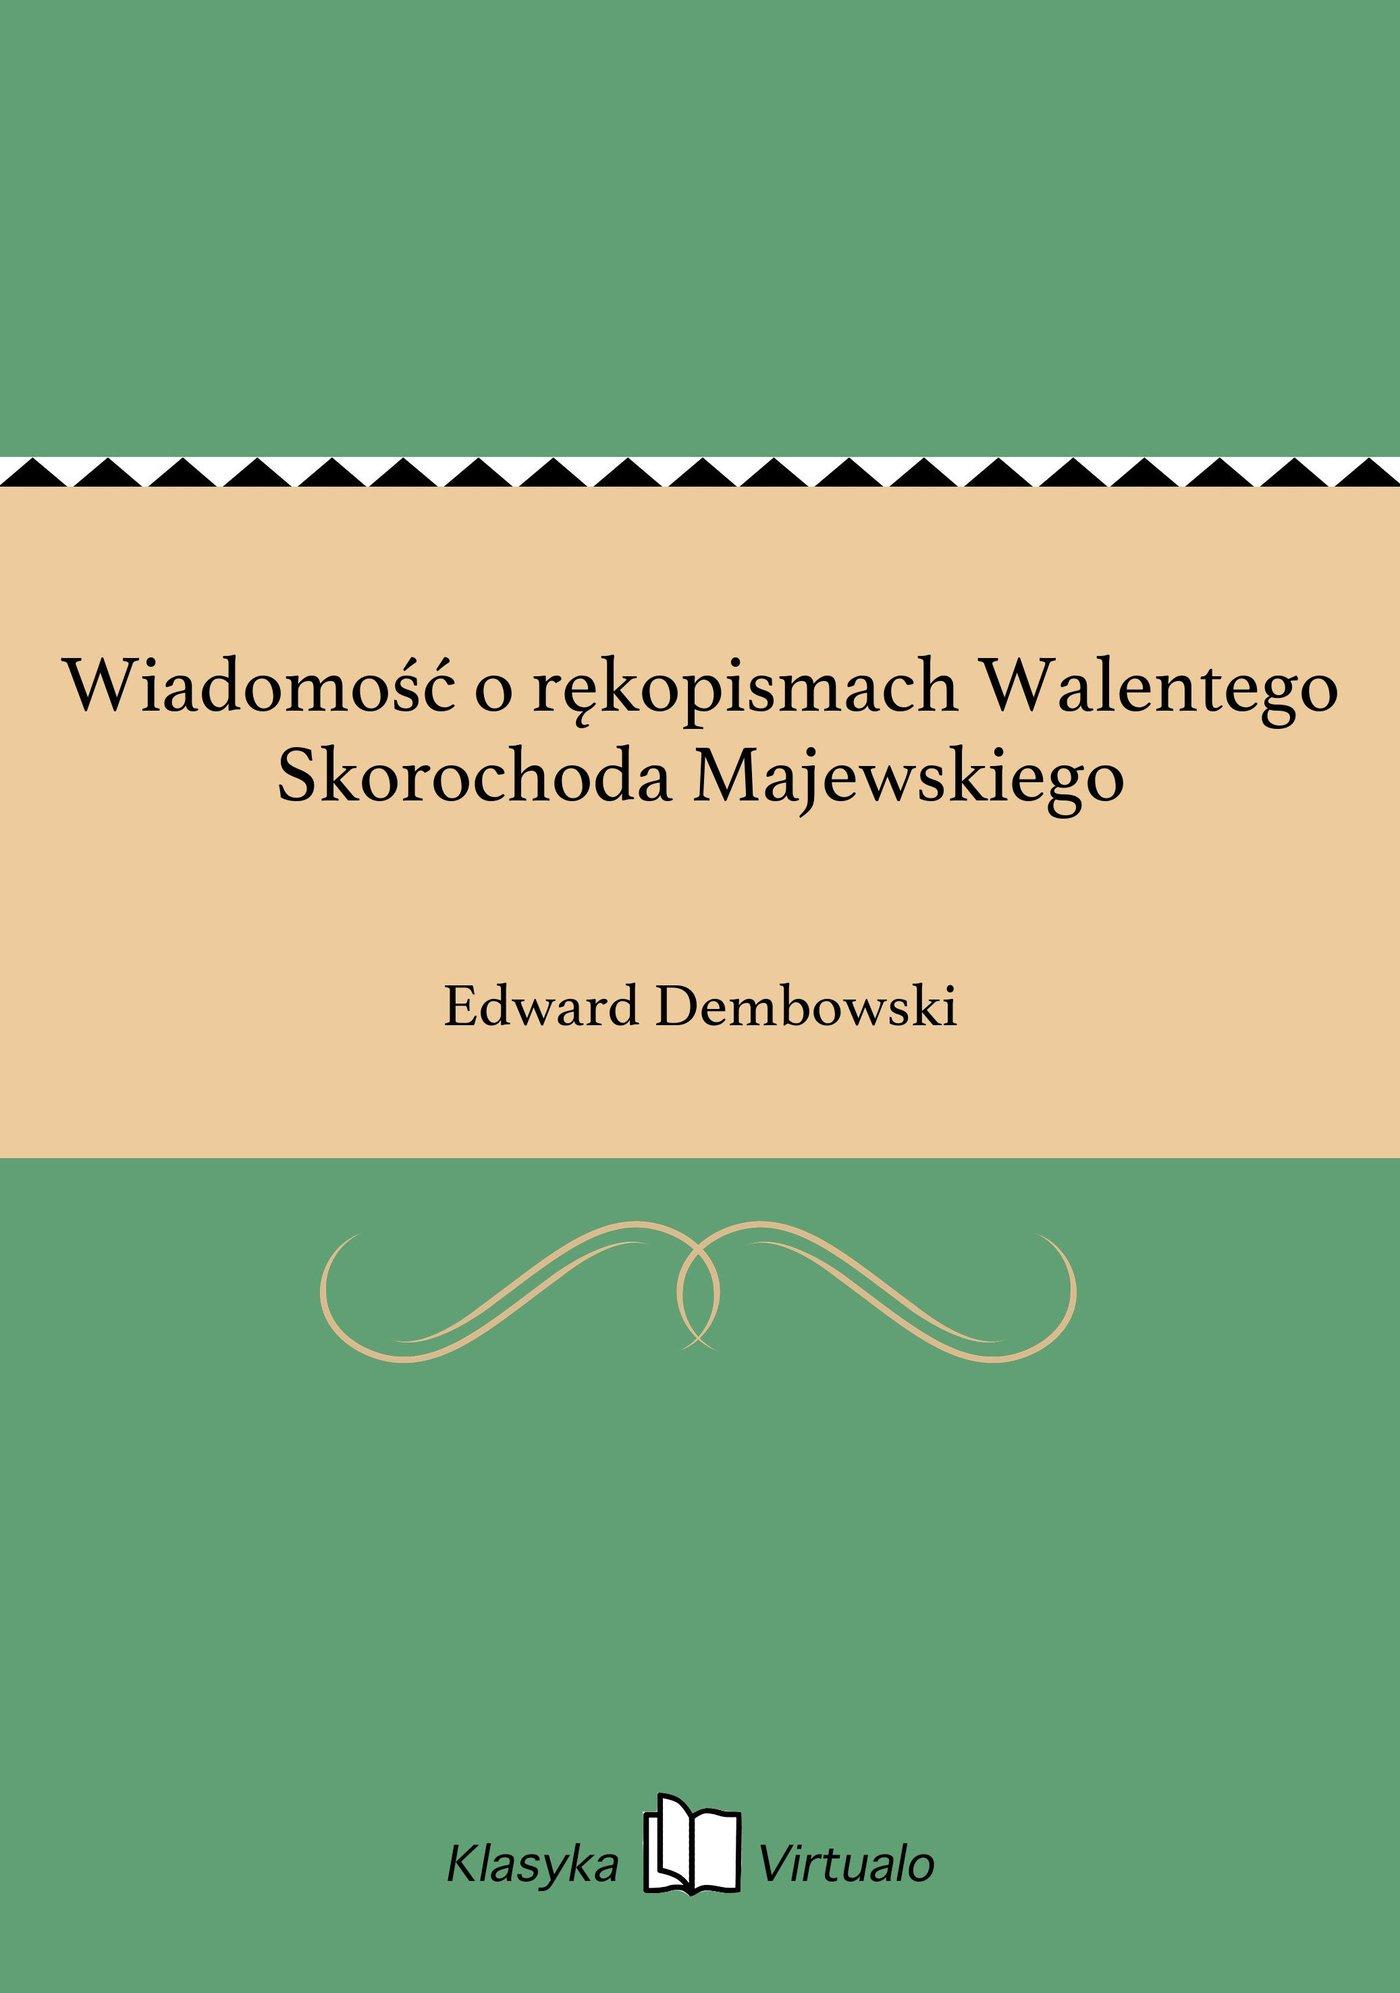 Wiadomość o rękopismach Walentego Skorochoda Majewskiego - Ebook (Książka EPUB) do pobrania w formacie EPUB